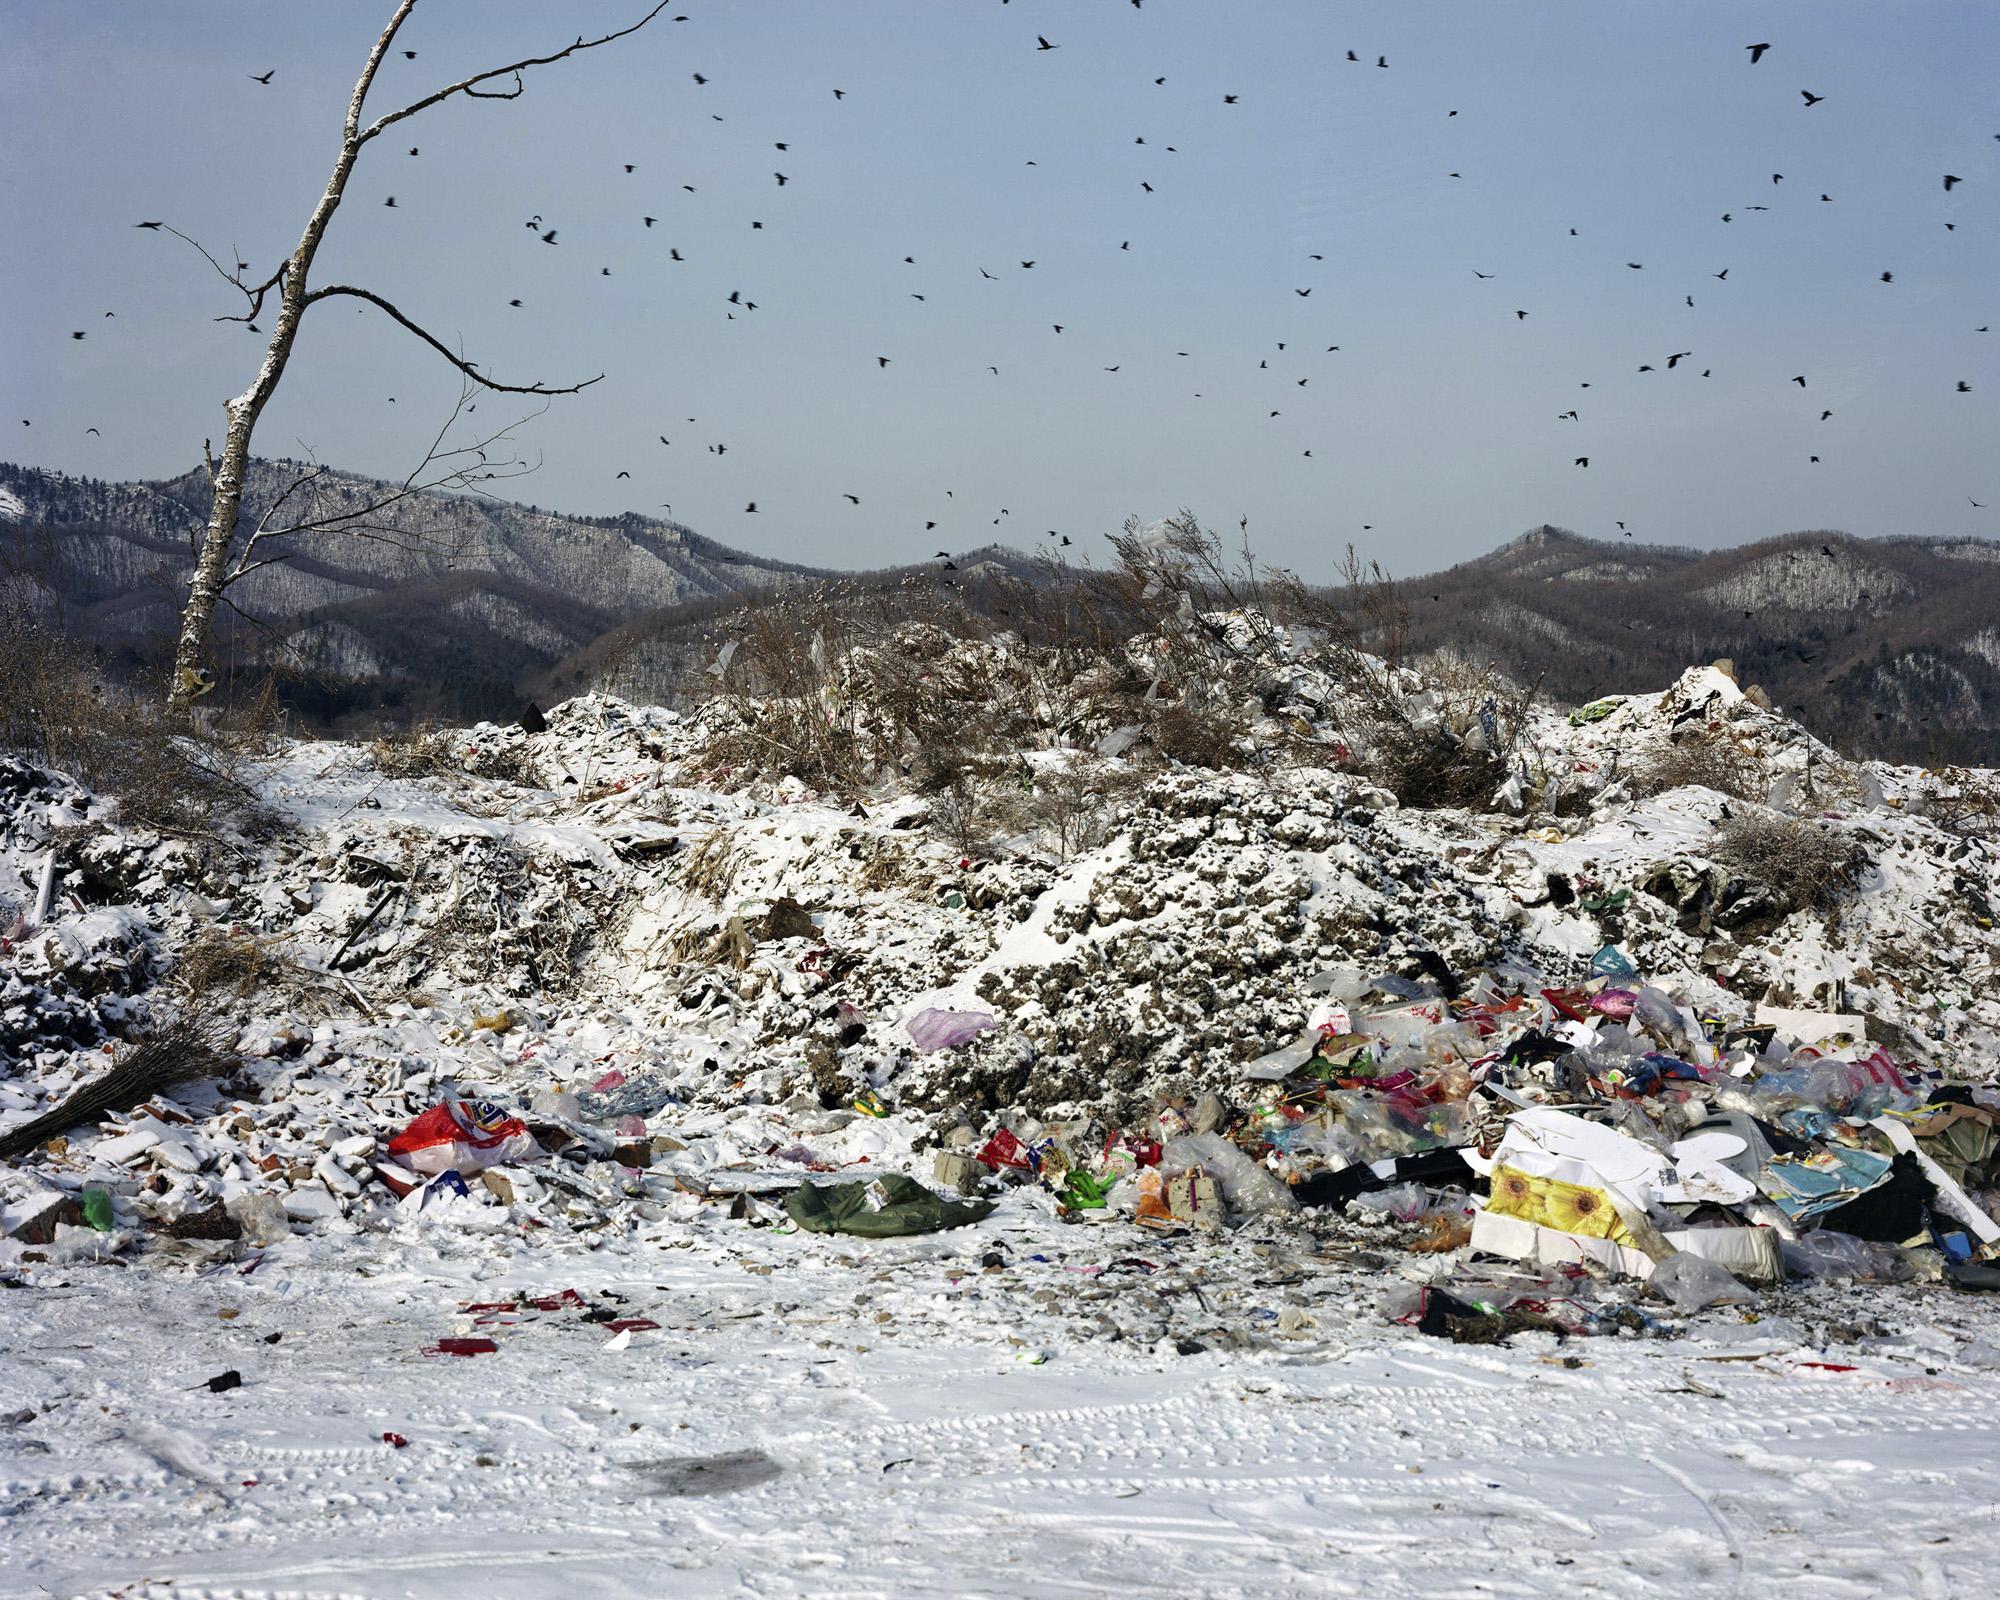 chen-ronghui-photography-of-china-Freezing Land  13.jpg